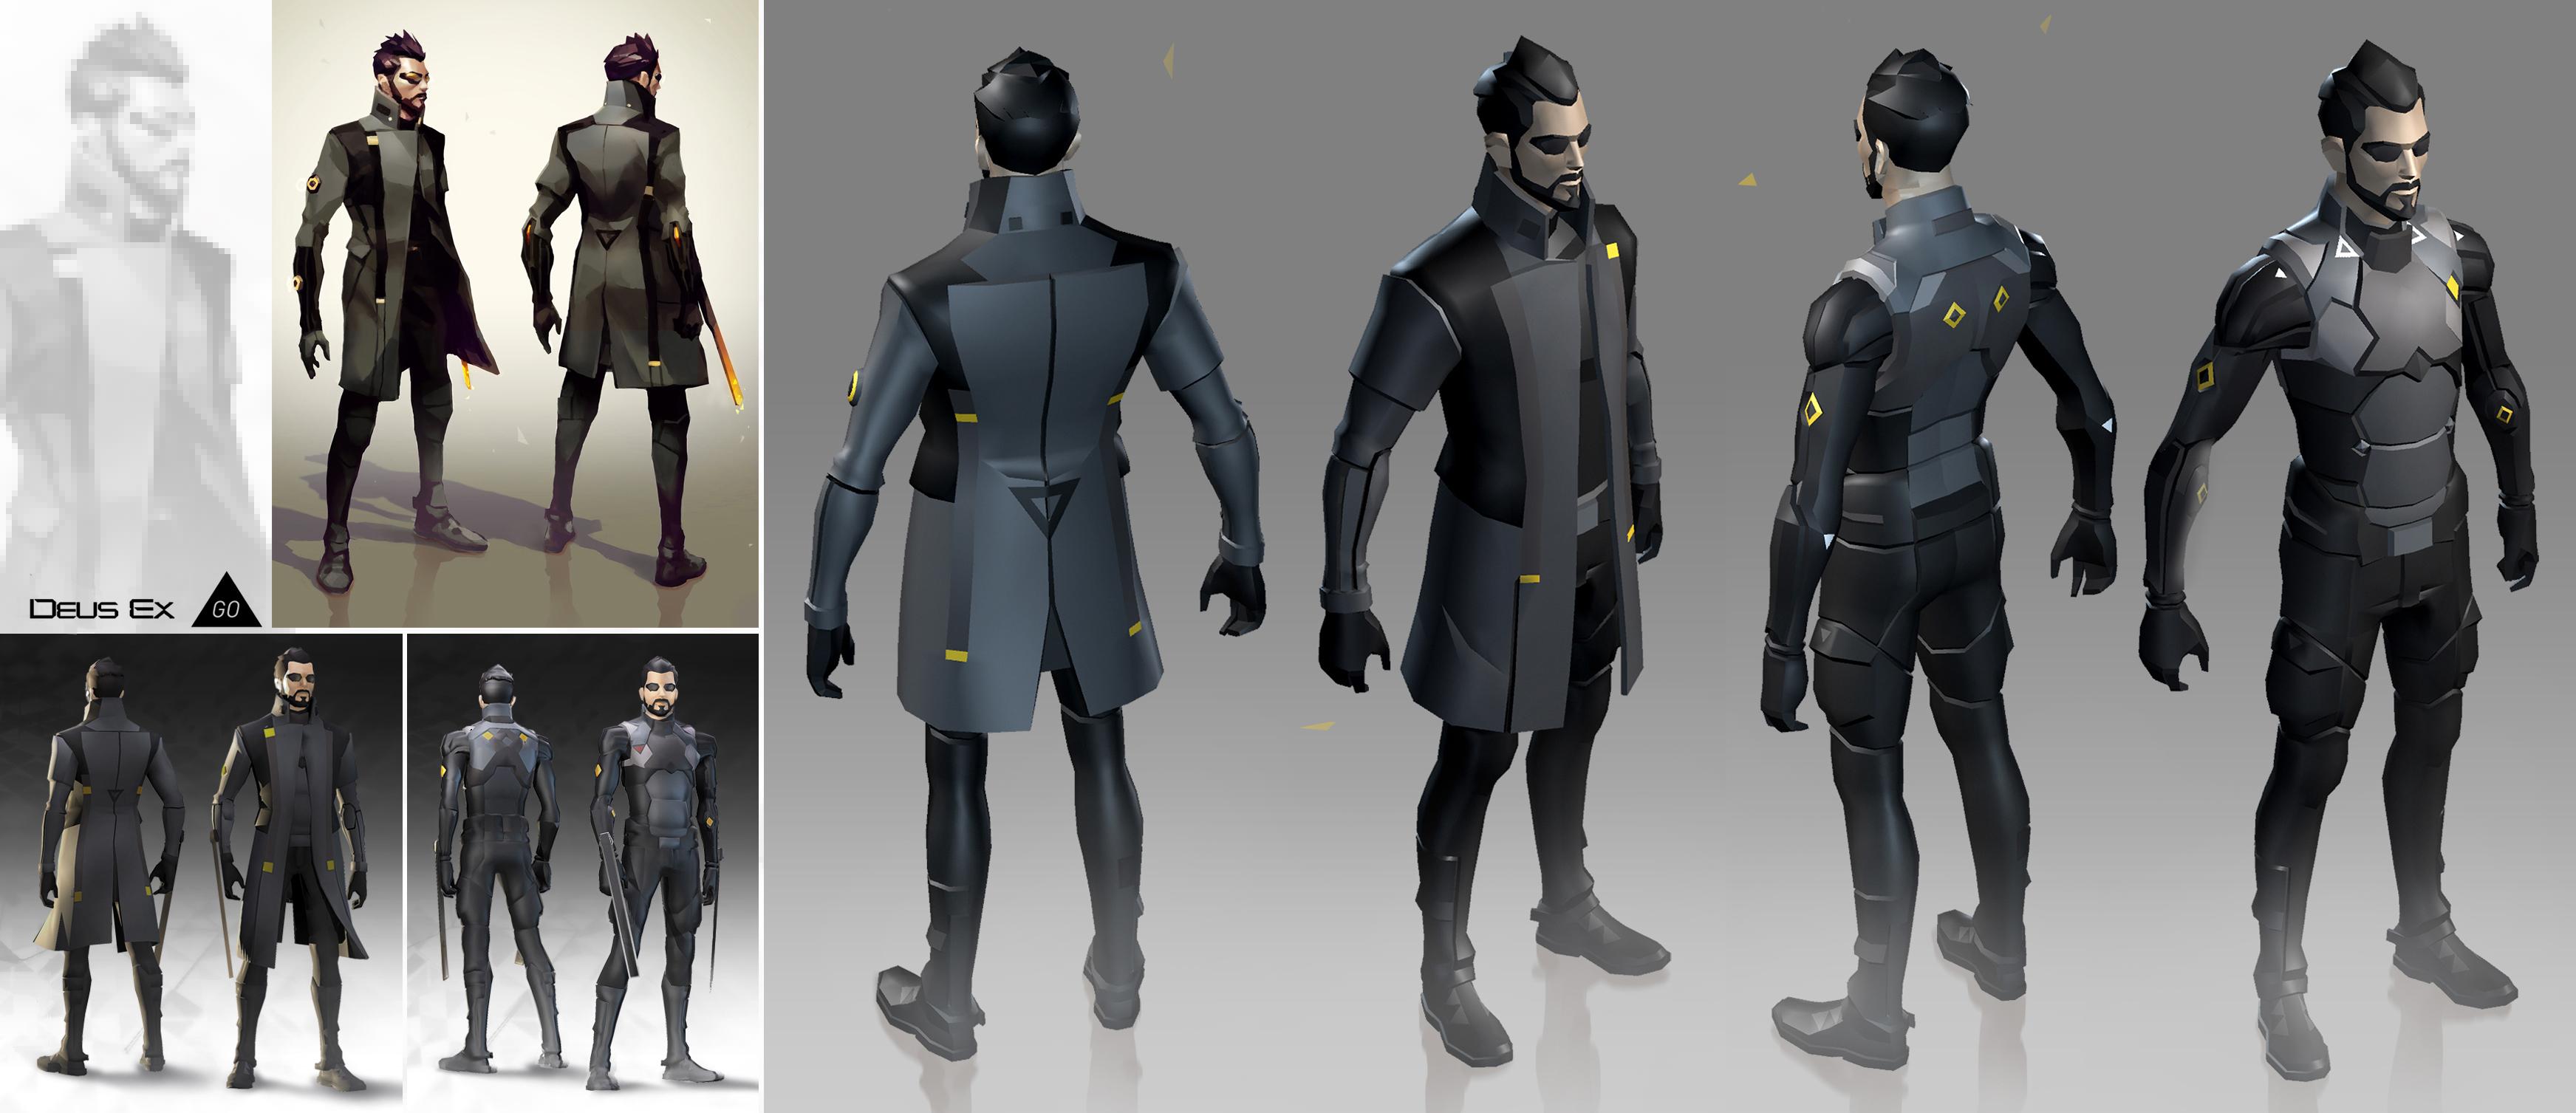 Релиз дня: Deus Ex GO (ОБНОВЛЕНА)